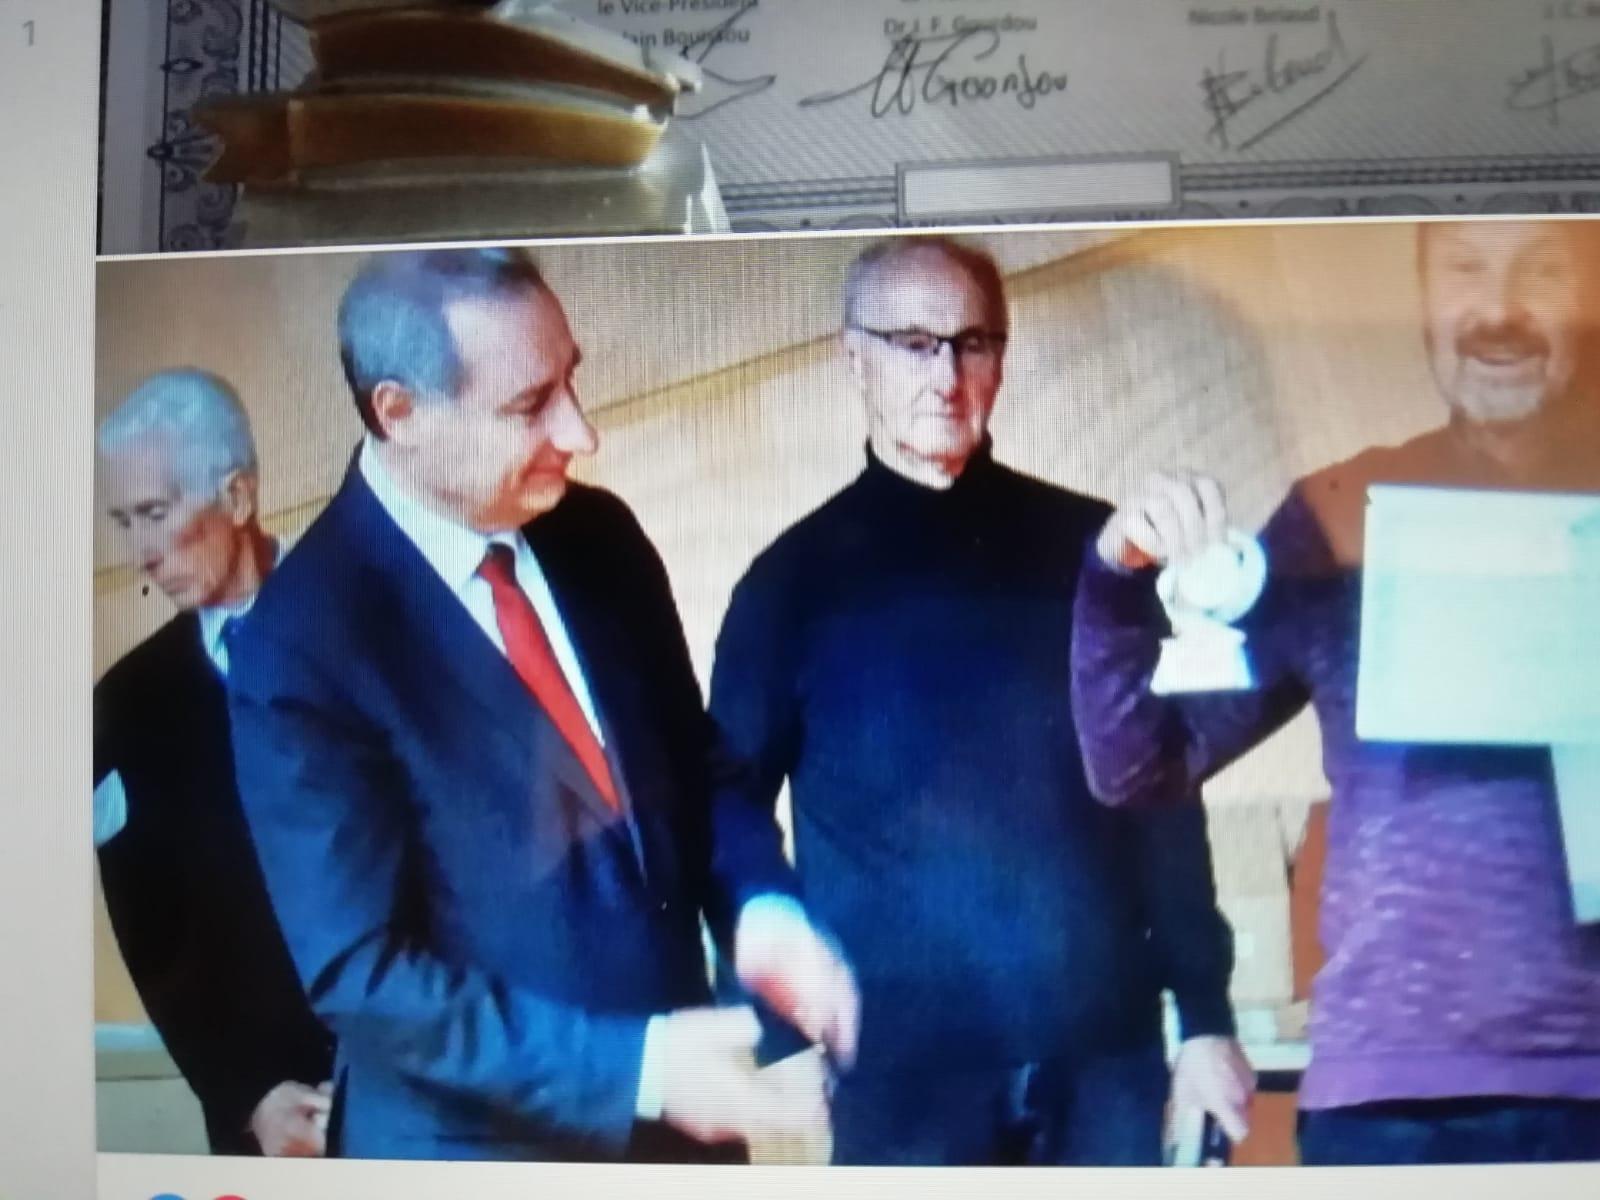 Remise des prix de l'académie des livres de Toulouse